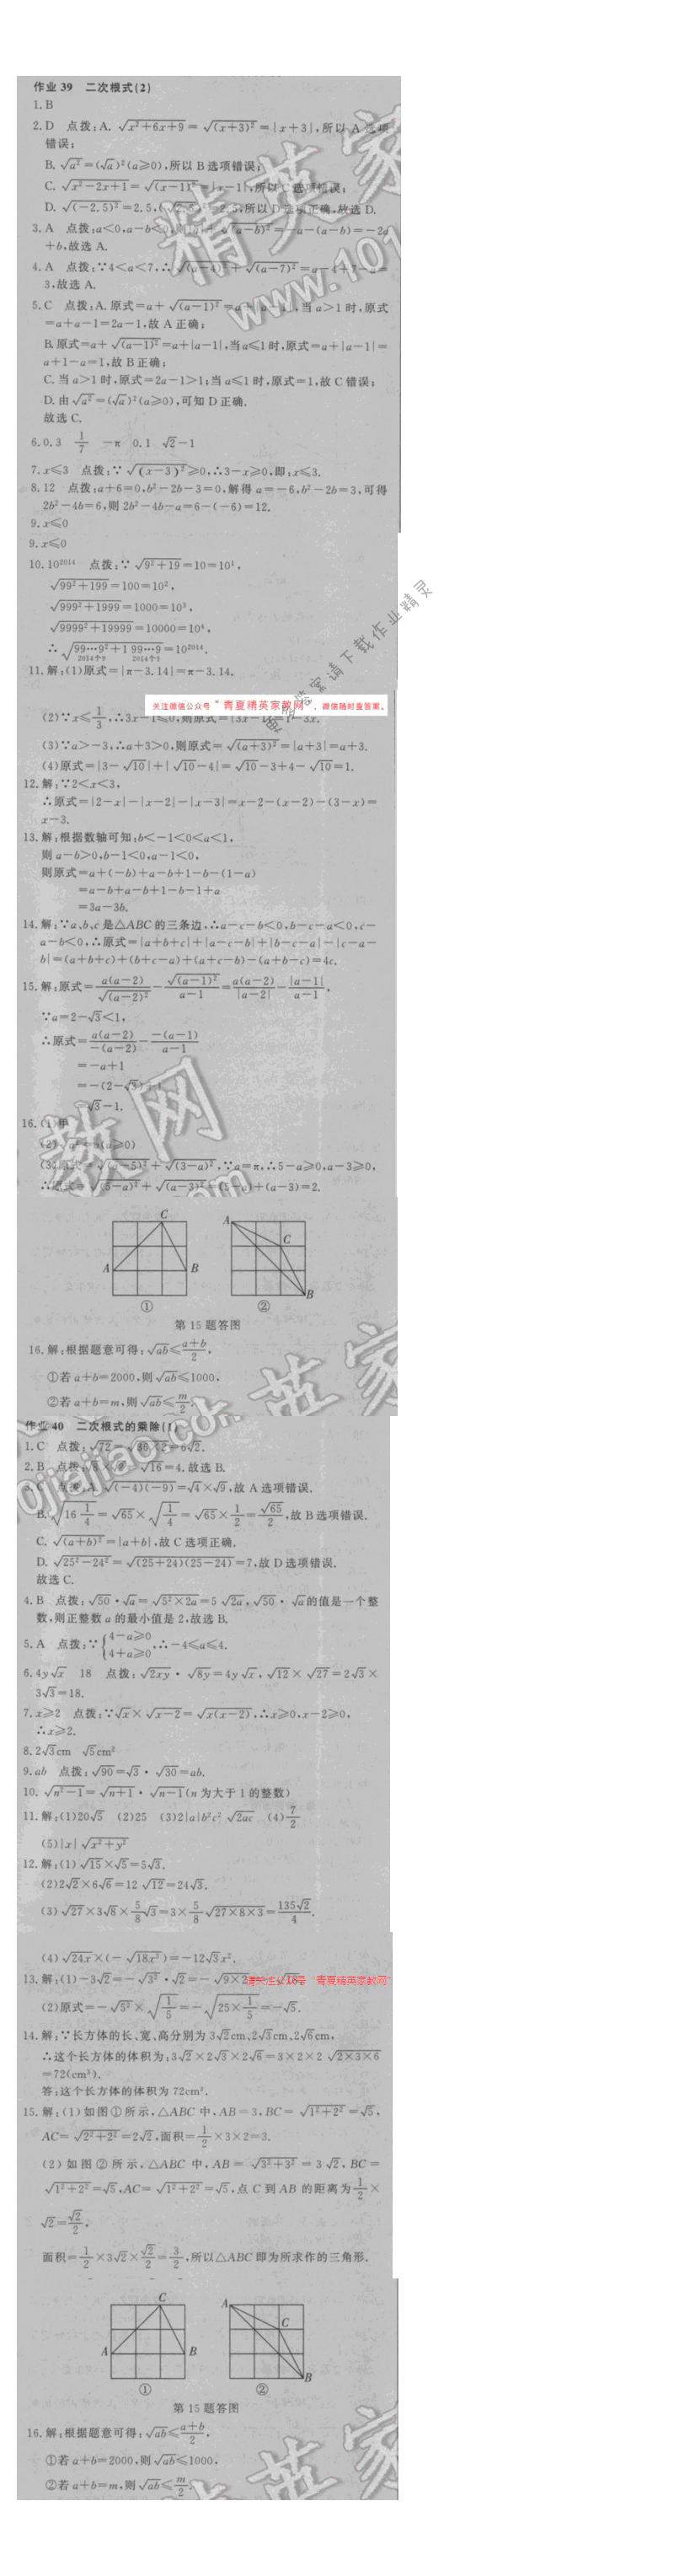 2016年启东中学作业本八年级数学下册江苏版 第十二章 作业39~40